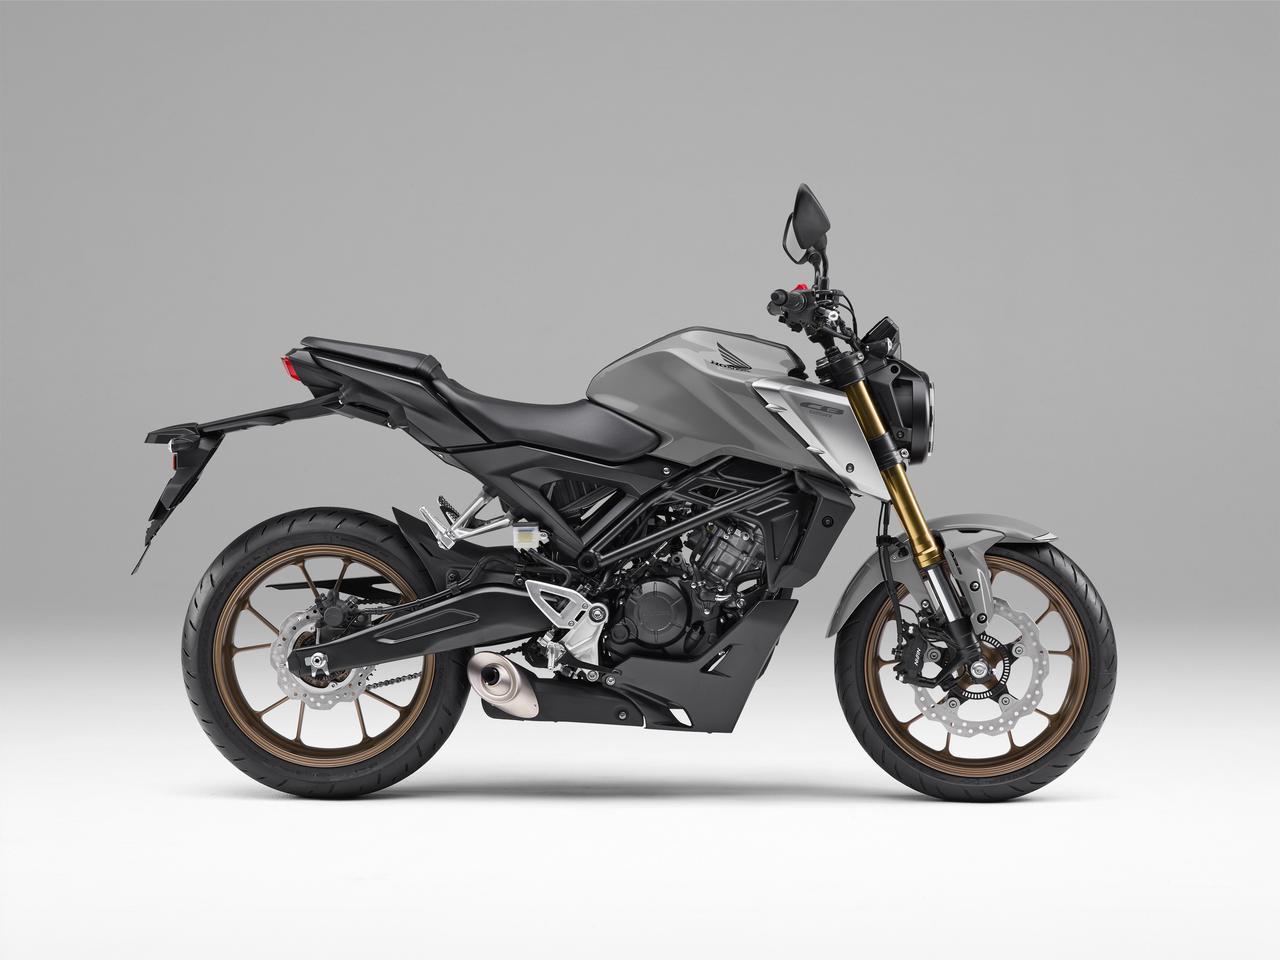 画像2: ホンダが新型「CB125R」を発売! モデルチェンジした2021年型はDOHCエンジンになりパワーアップ